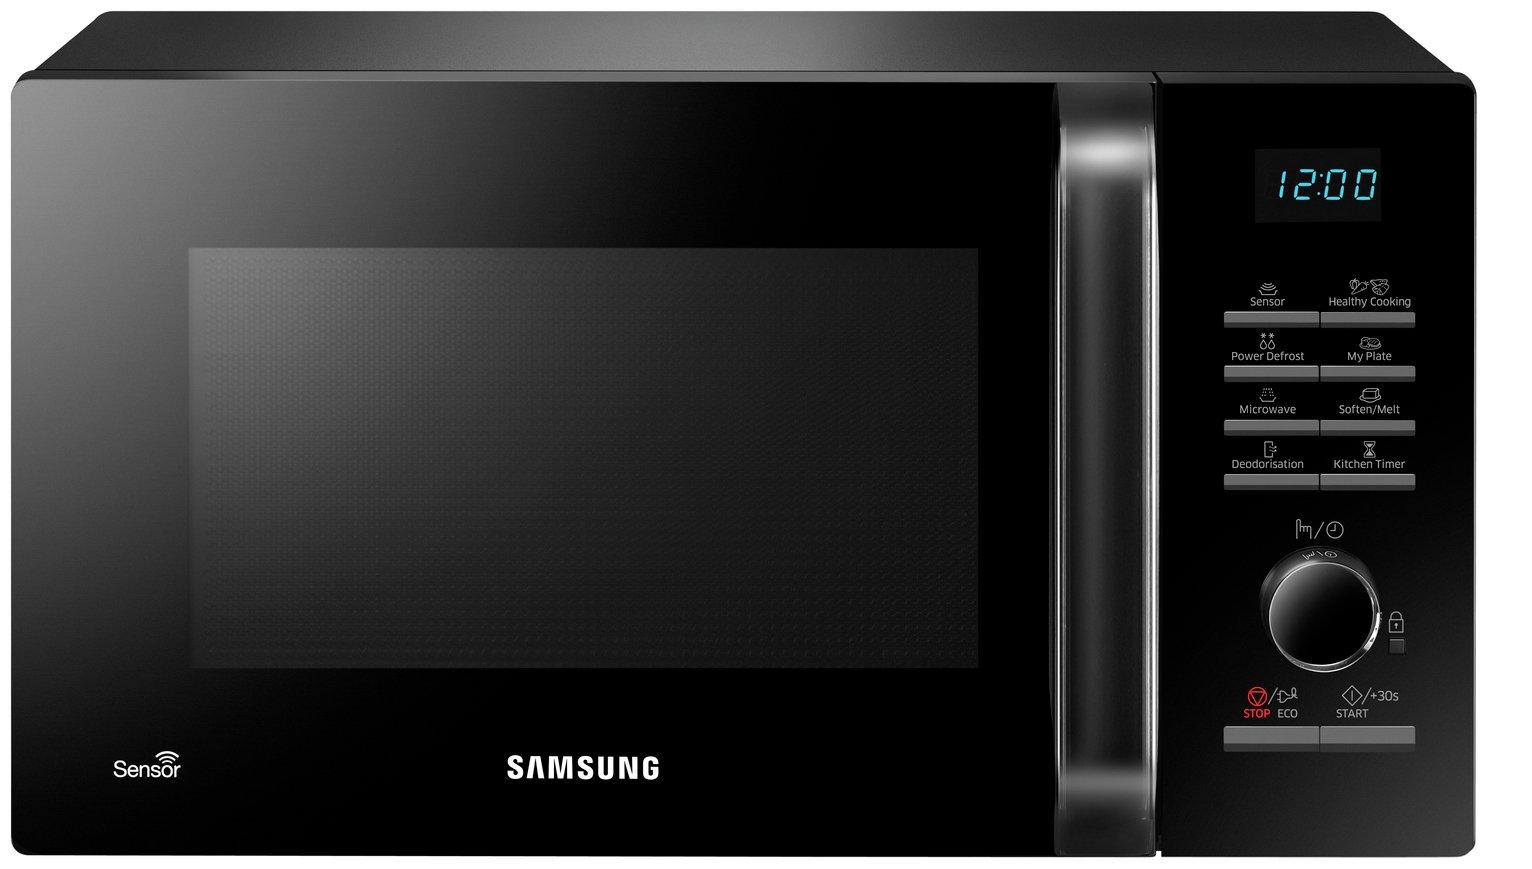 Samsung 800W 23L Standard Microwave MS23H3125AK - Black